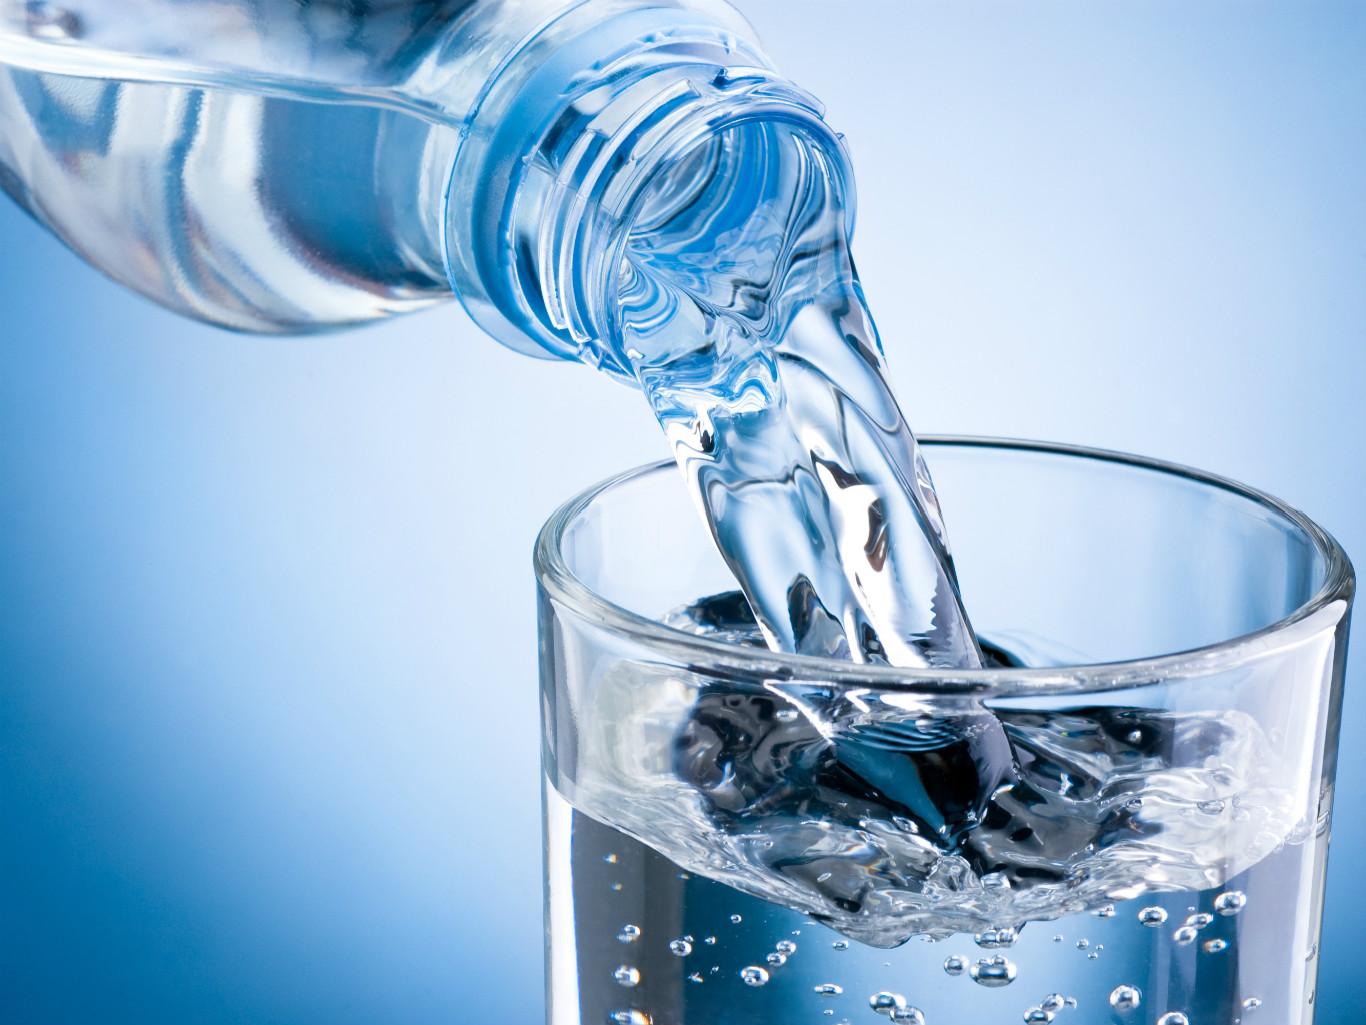 Драгоценная влага:  употребляем воду  по всем правилам